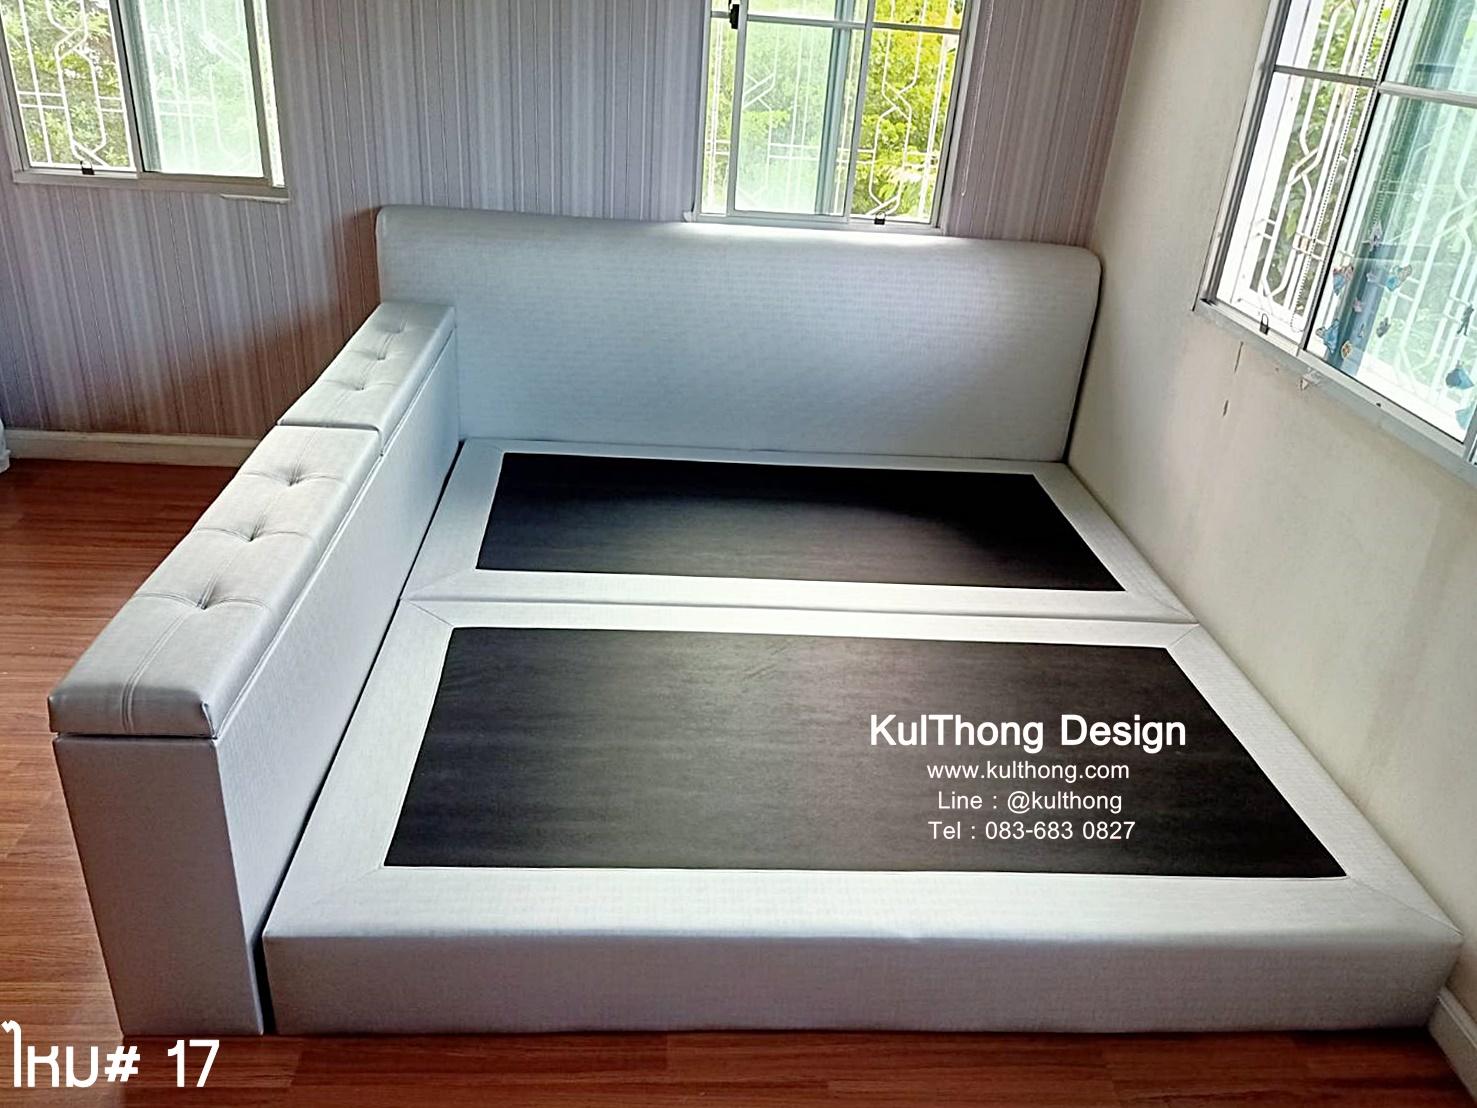 เตียงดีไซน์ เตียงเก็บของ เตียงมีกล่อง